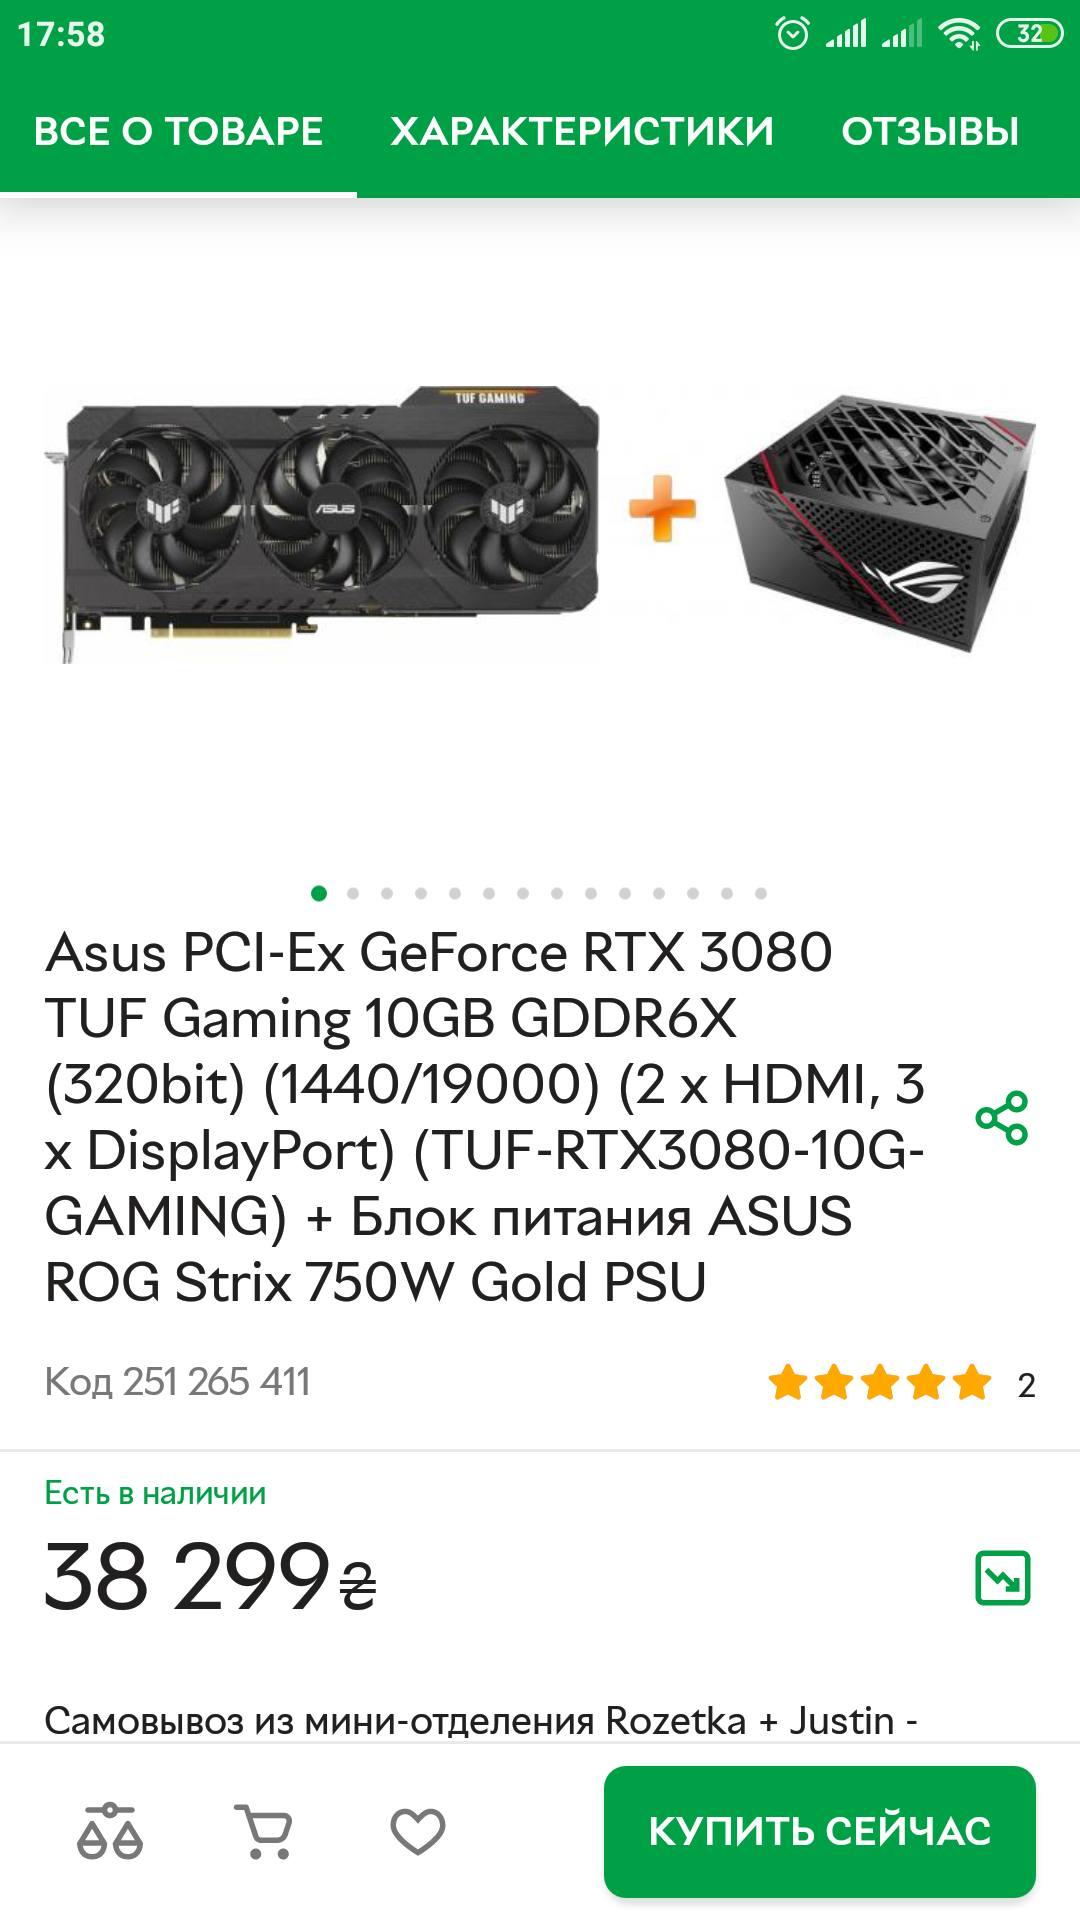 Screenshot_2020-09-29-17-58-01-351_ua.com.rozetka.shop_compress77.jpg